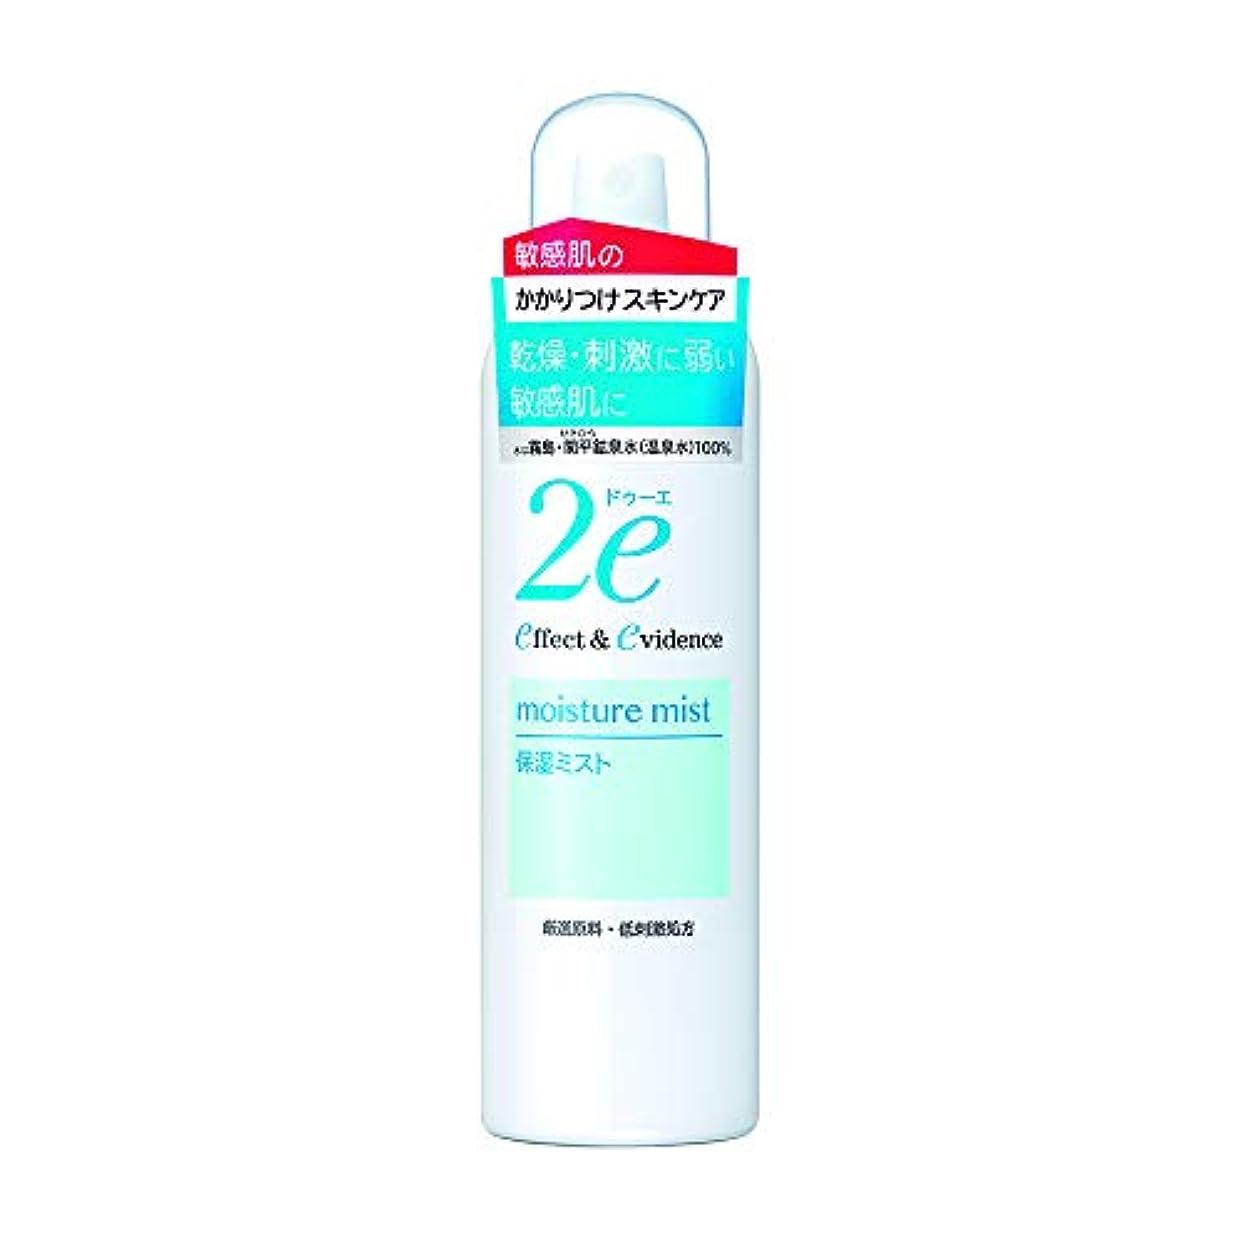 元気洗練された放出2e(ドゥーエ) 保湿ミスト 敏感肌用化粧水 スプレータイプ 低刺激処方 180g